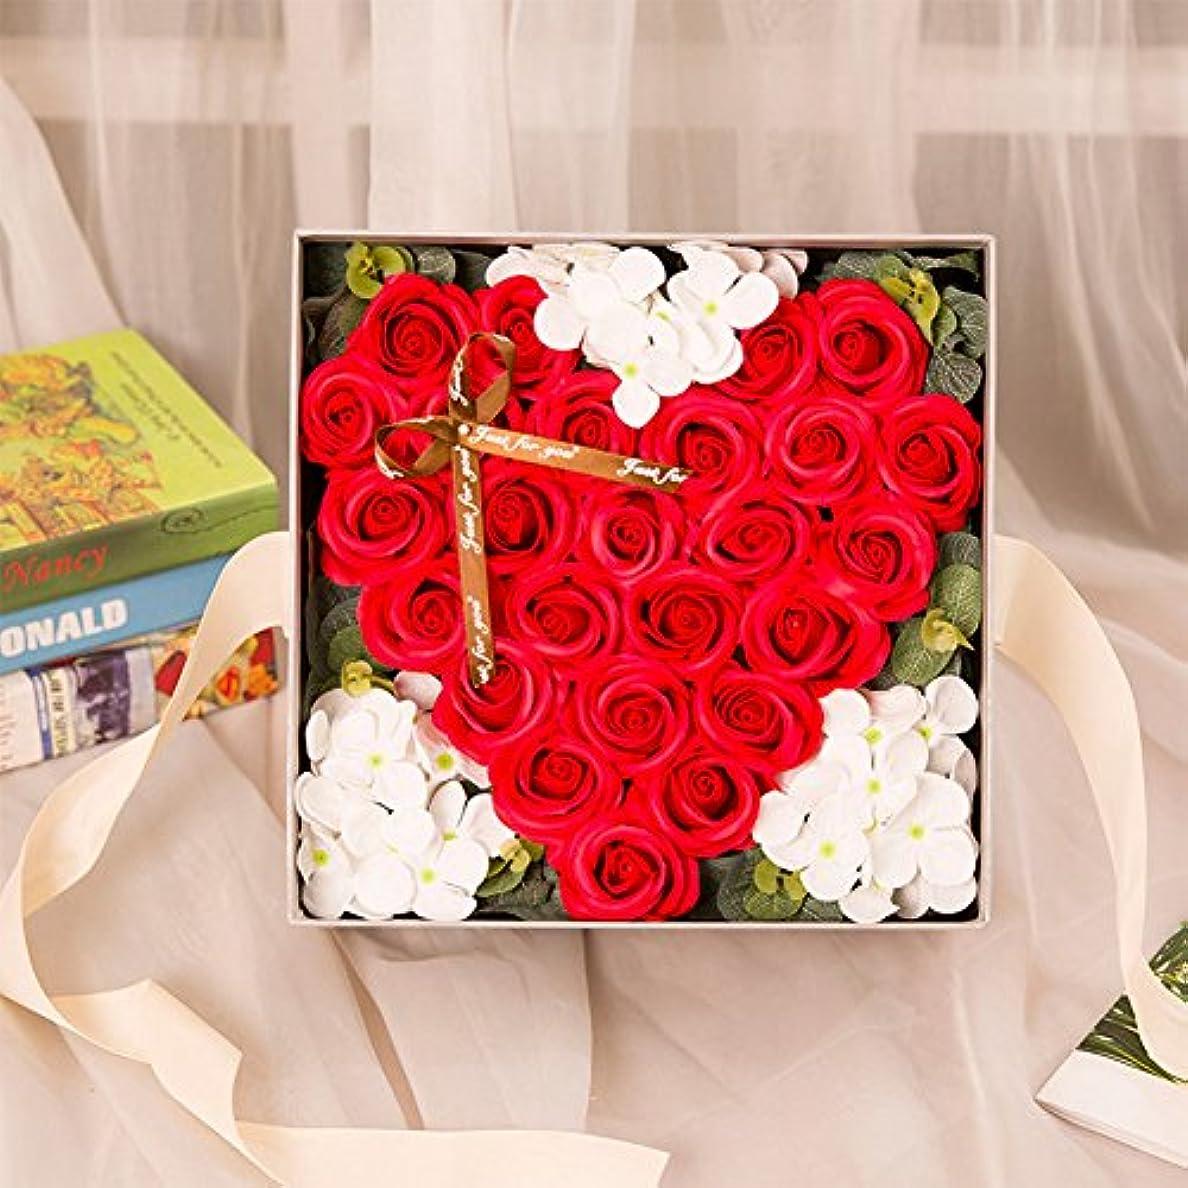 バッフルレビューガロンRaiFu クリエイティブ シミュレーションローズ手作り石鹸 ギフトボックスホームデコレーション ユニークなギフト 赤い桃の心